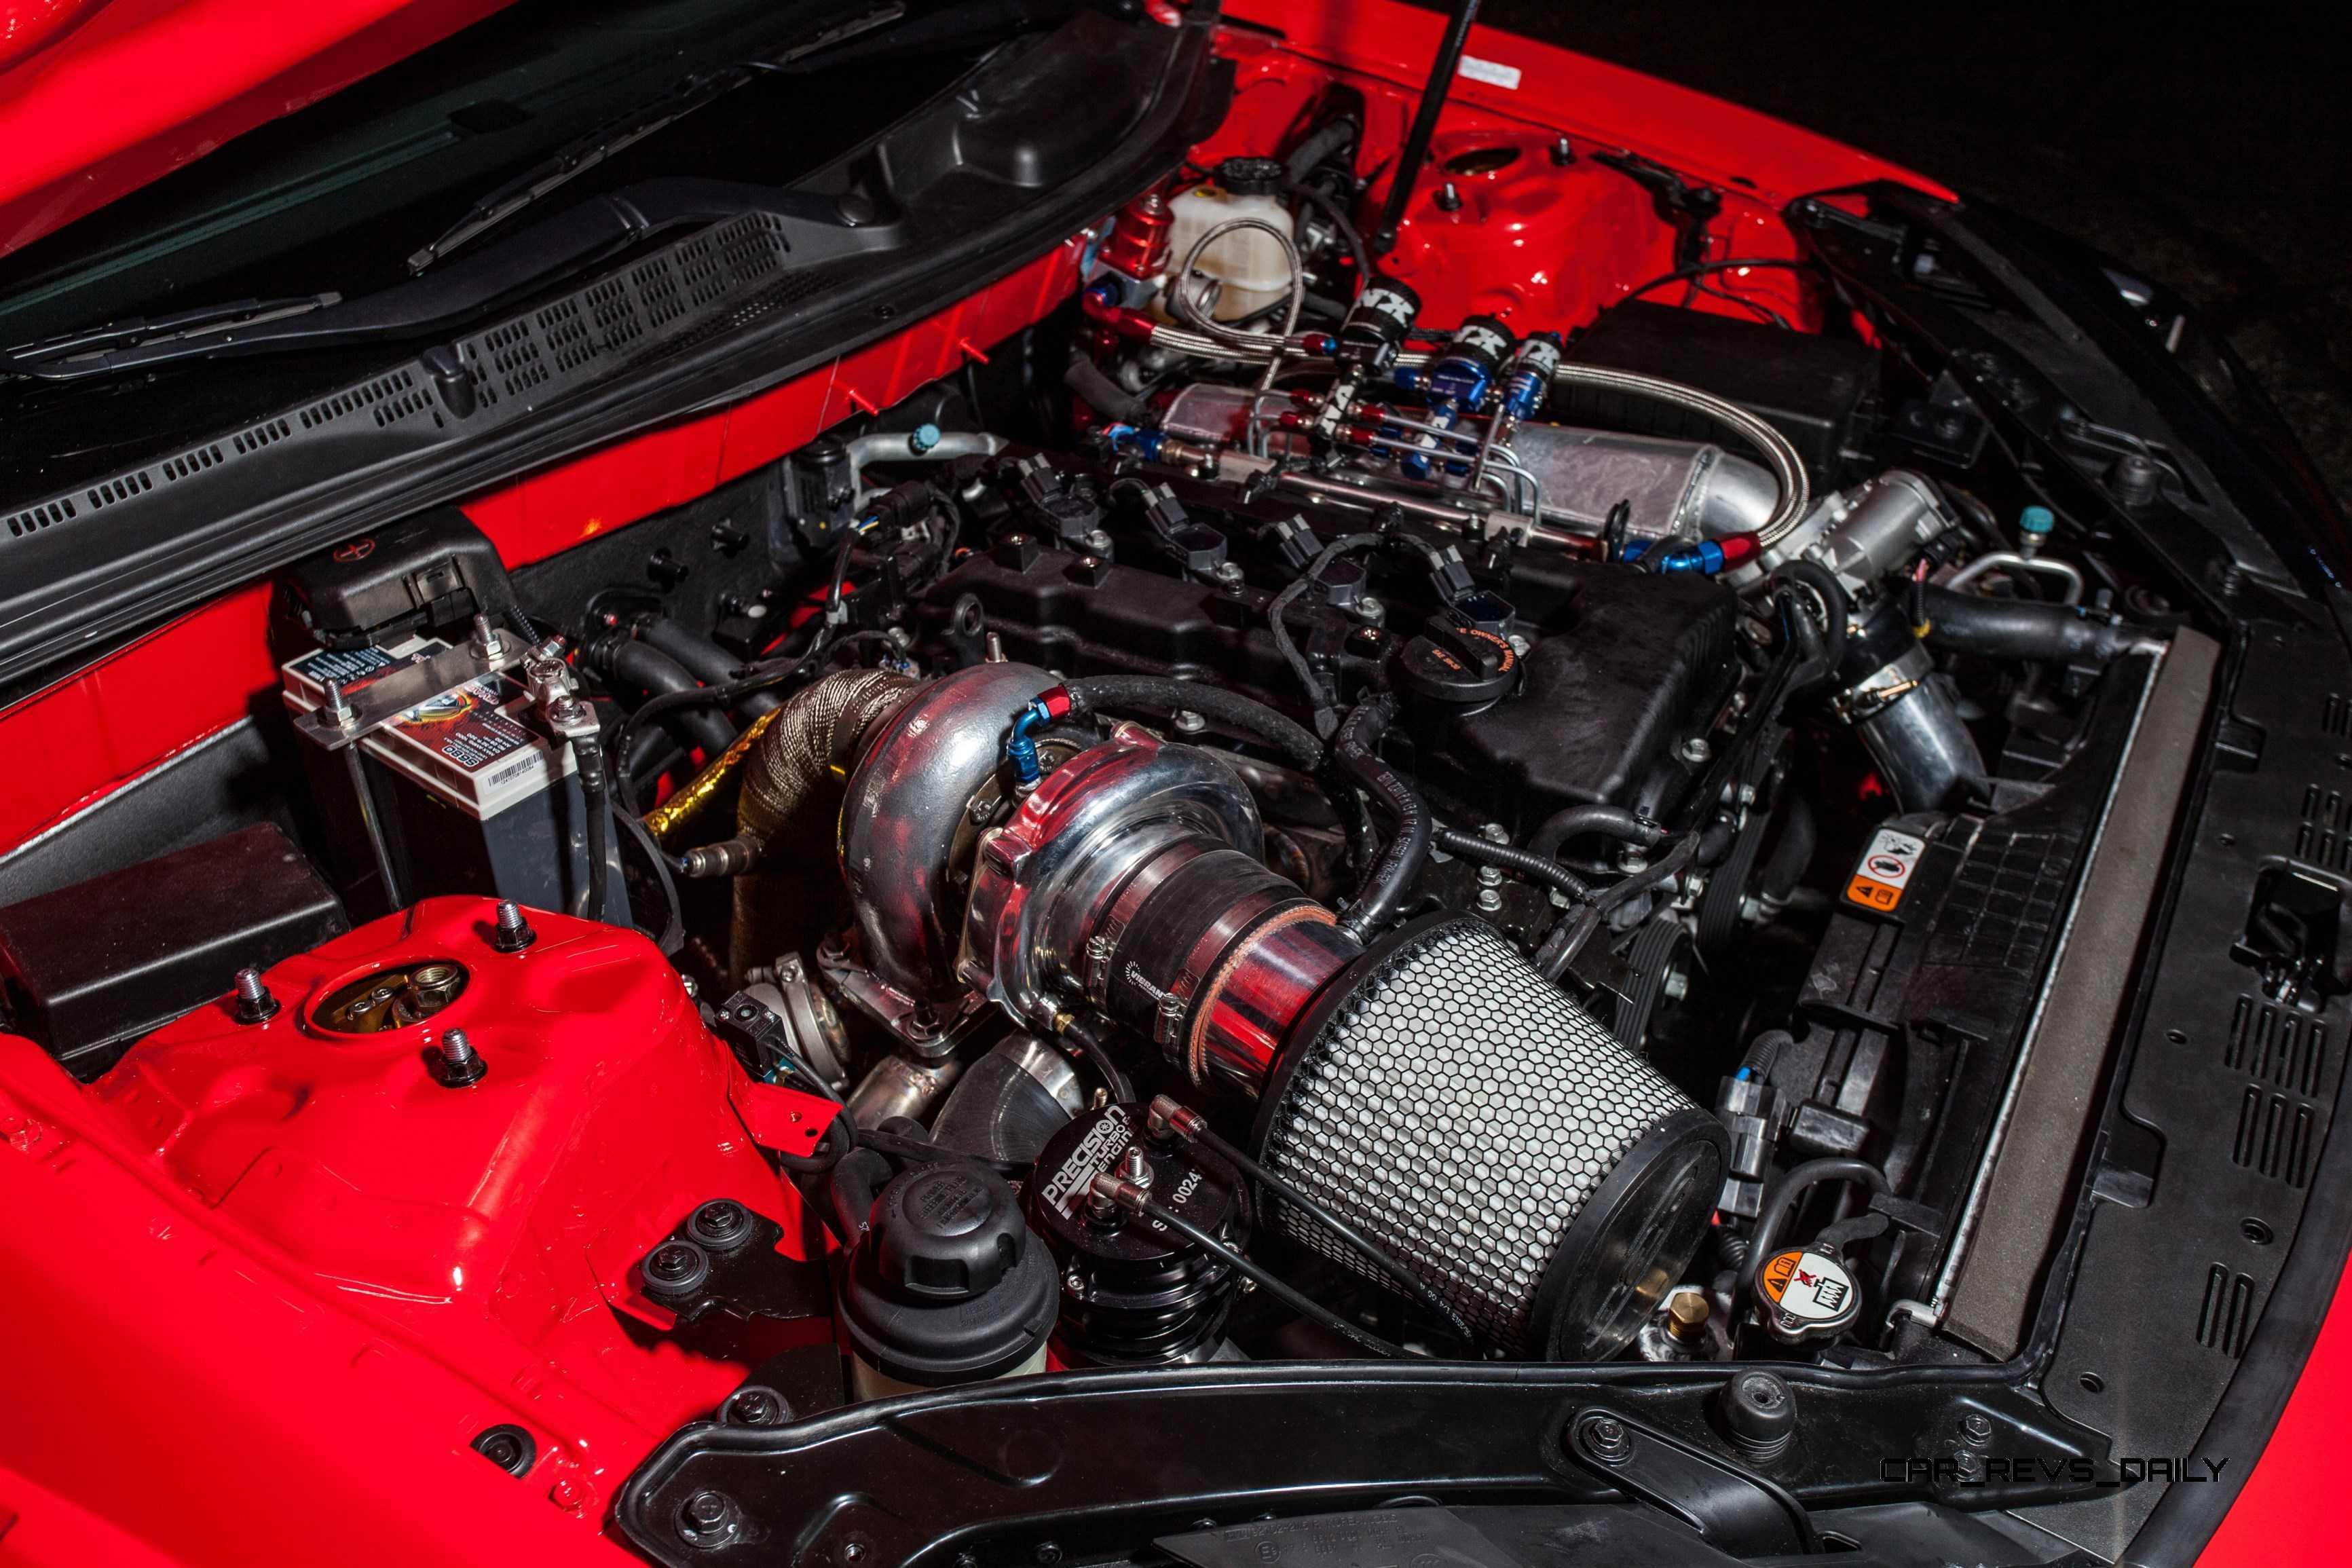 Best Of Sema 2014 Hyundai Genesis Coupe By Bloodtype Racing